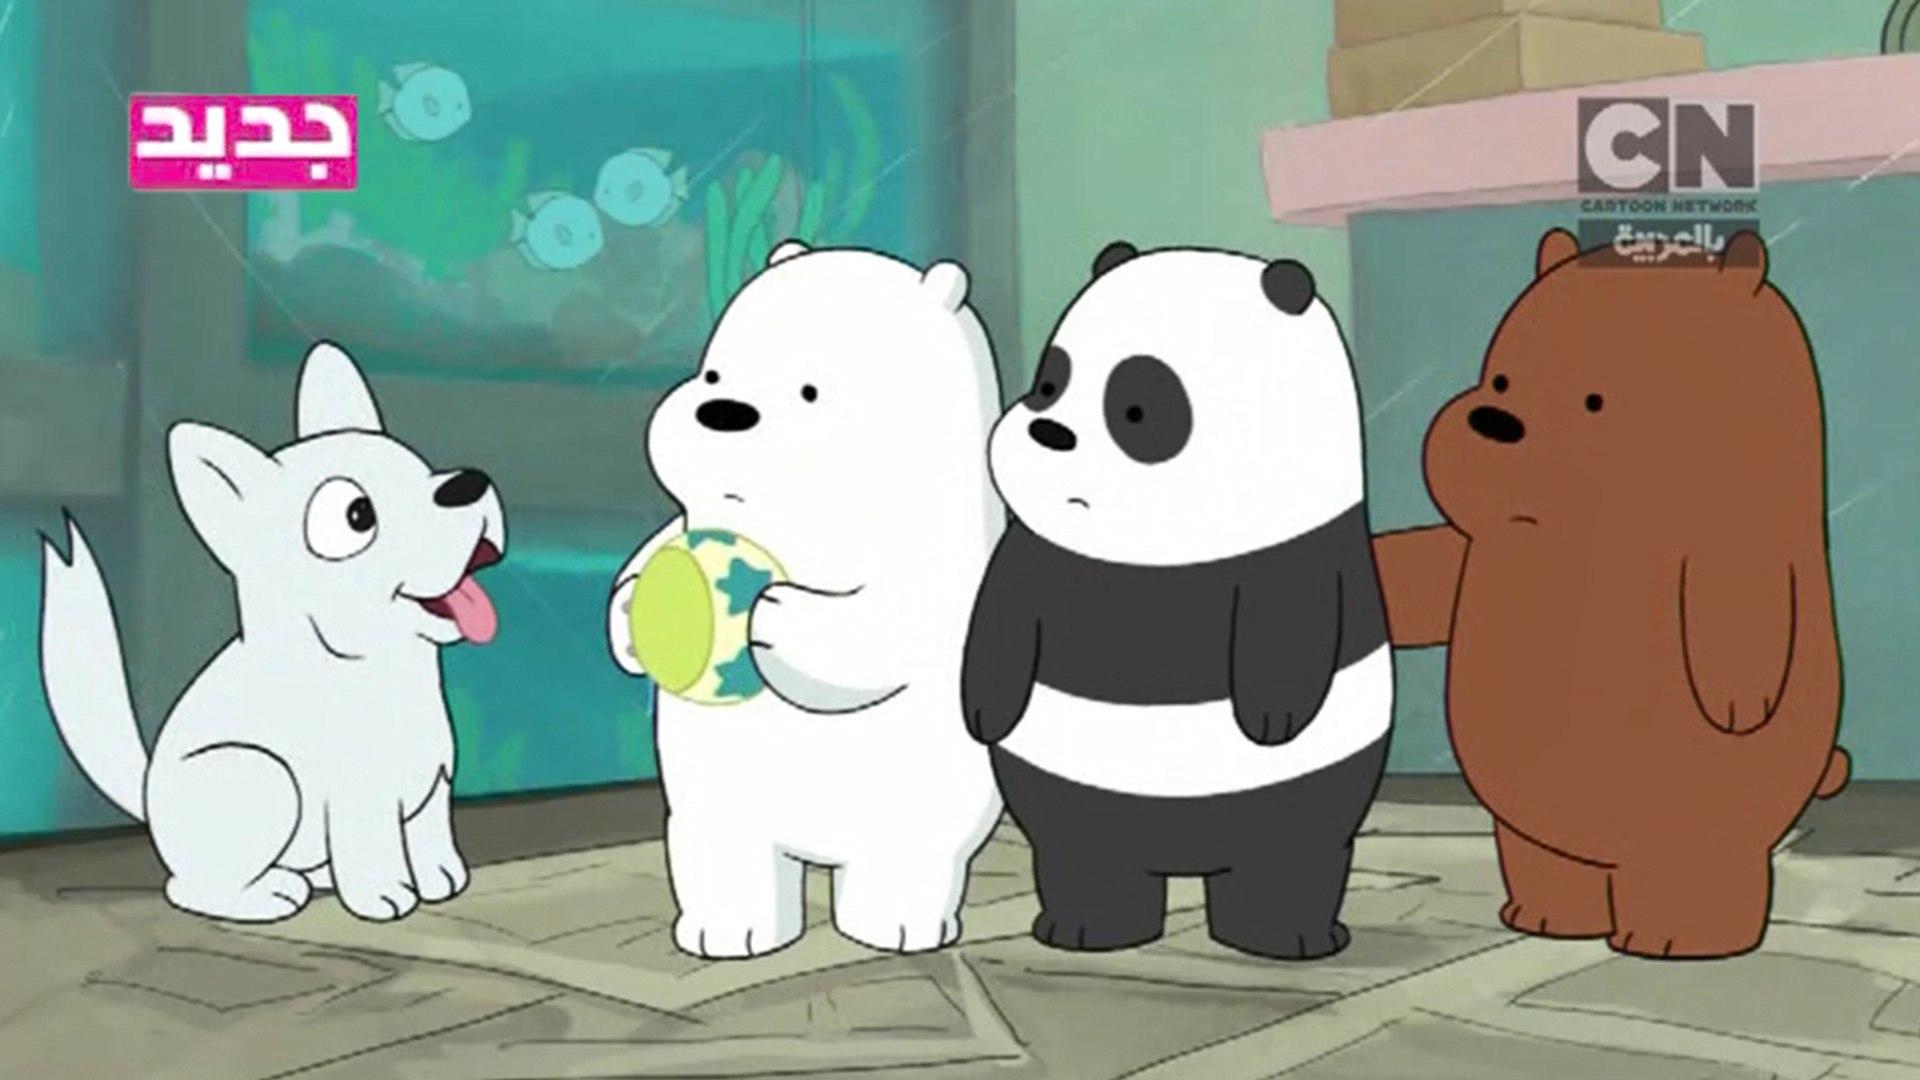 الدببة الثلاثة متجر الحيوانات الأليفة كرتون نتوورك بالعربية